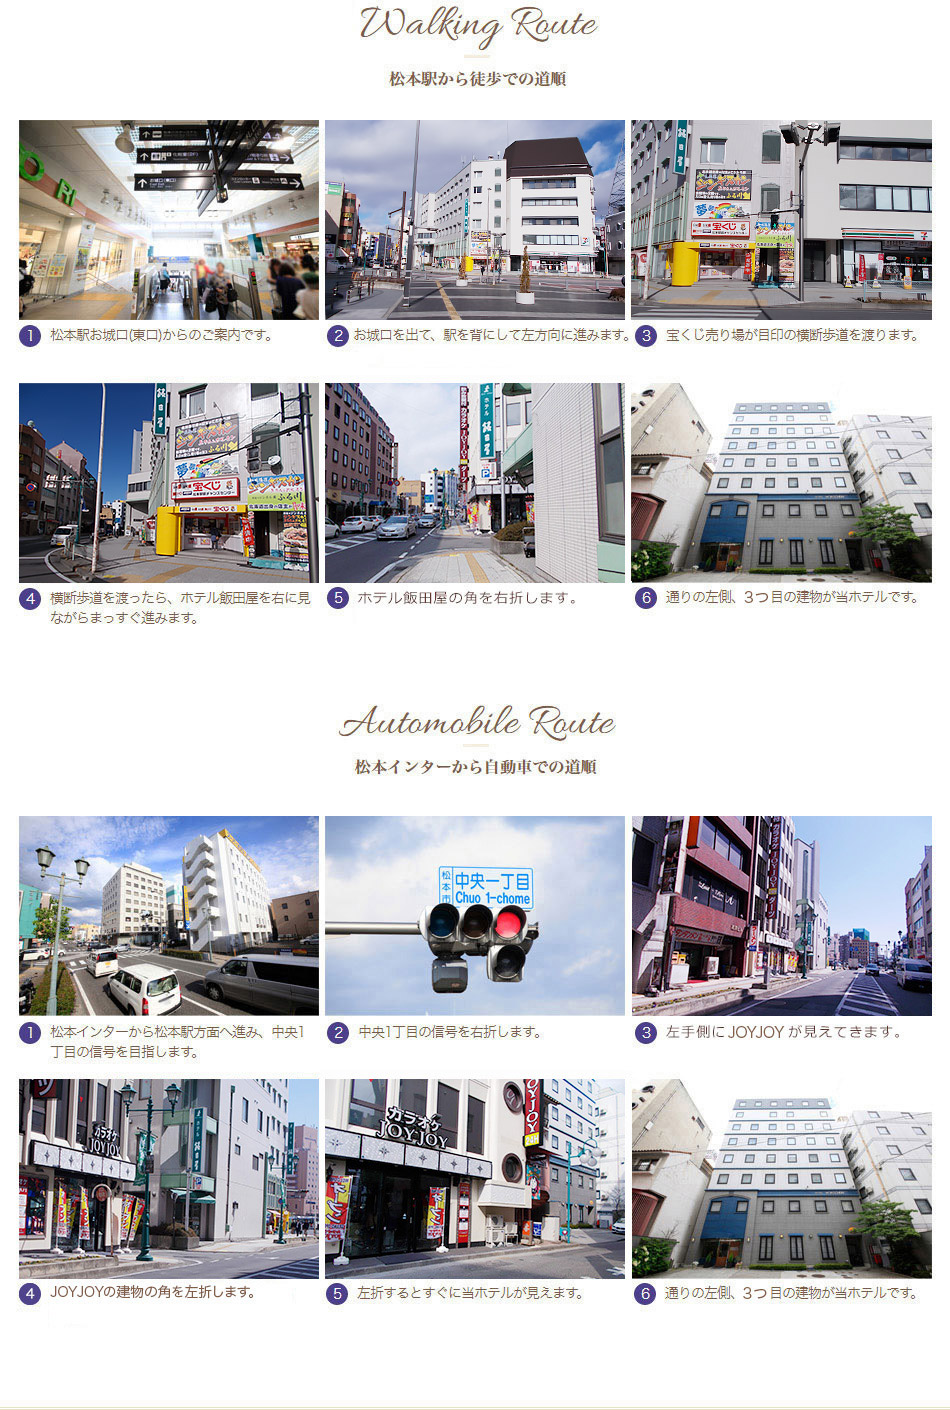 松本駅からの道順